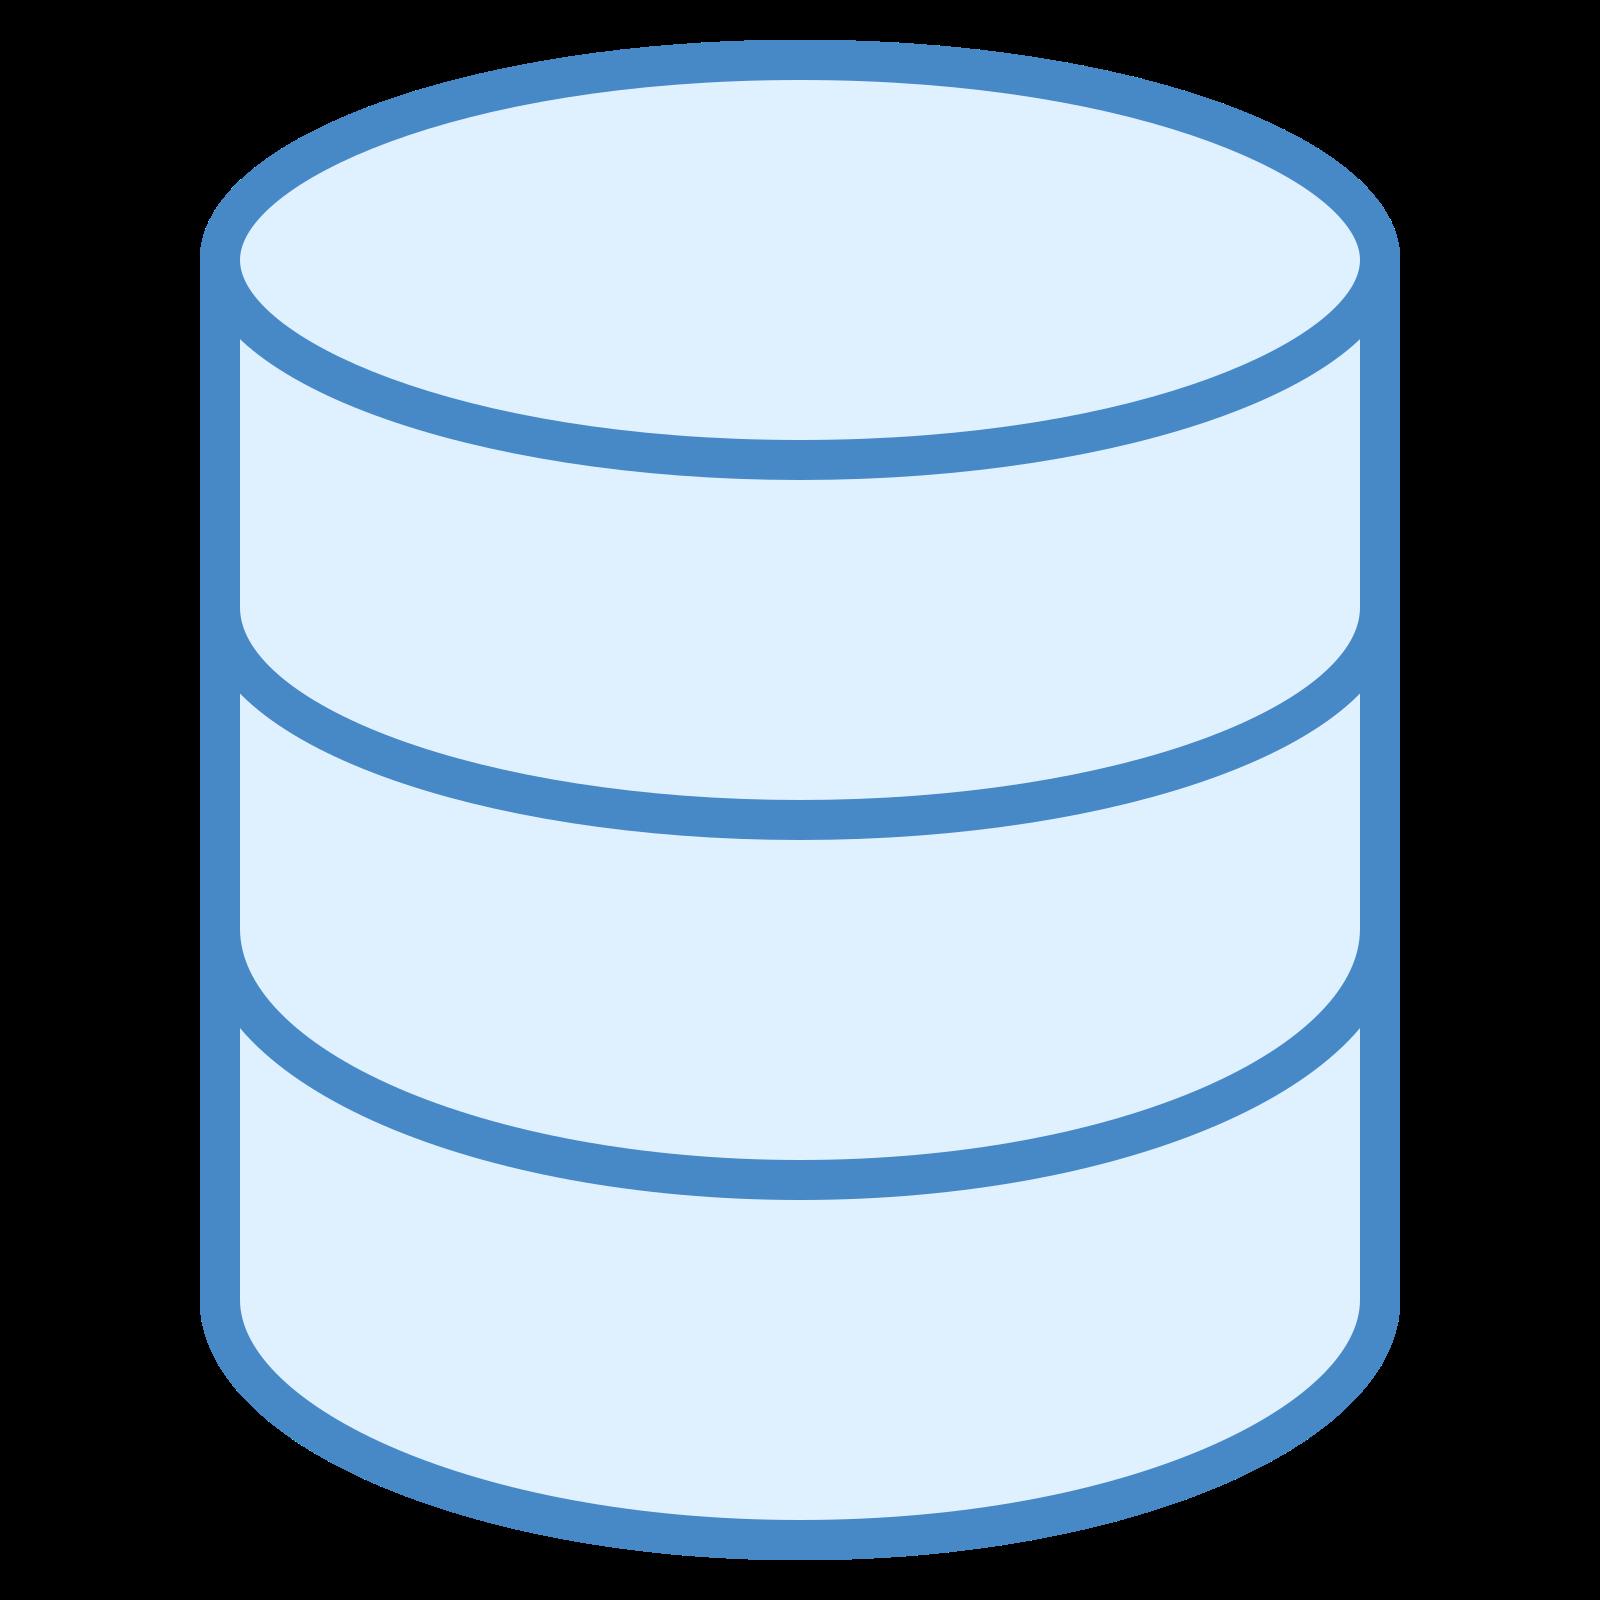 データベース icon